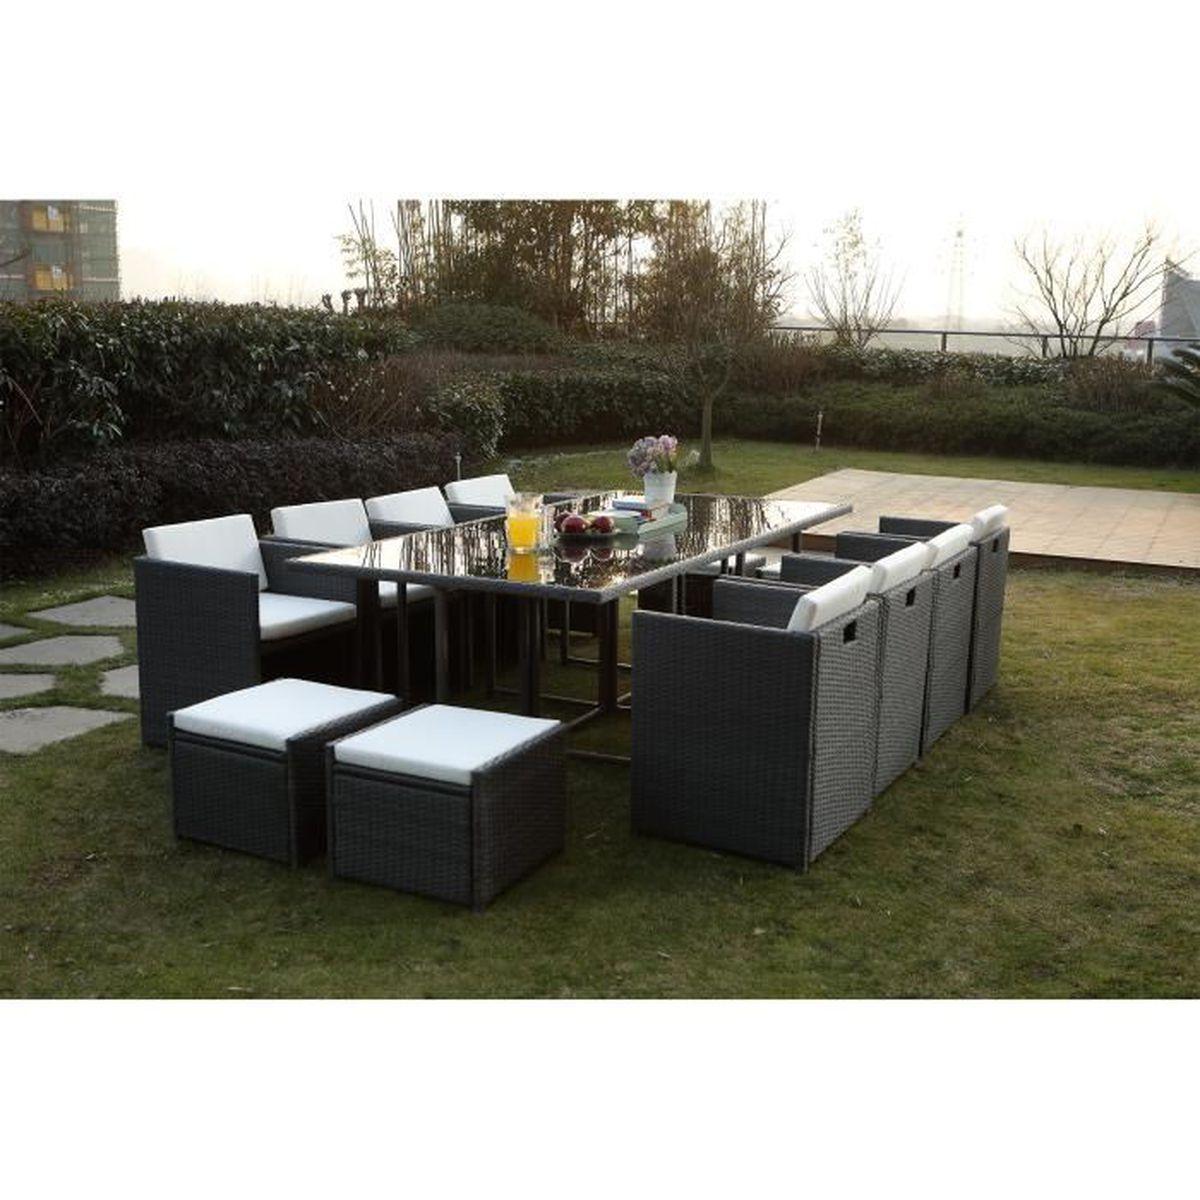 Vito Salon jardin gris encastrable 12 personnes - Achat / Vente ...